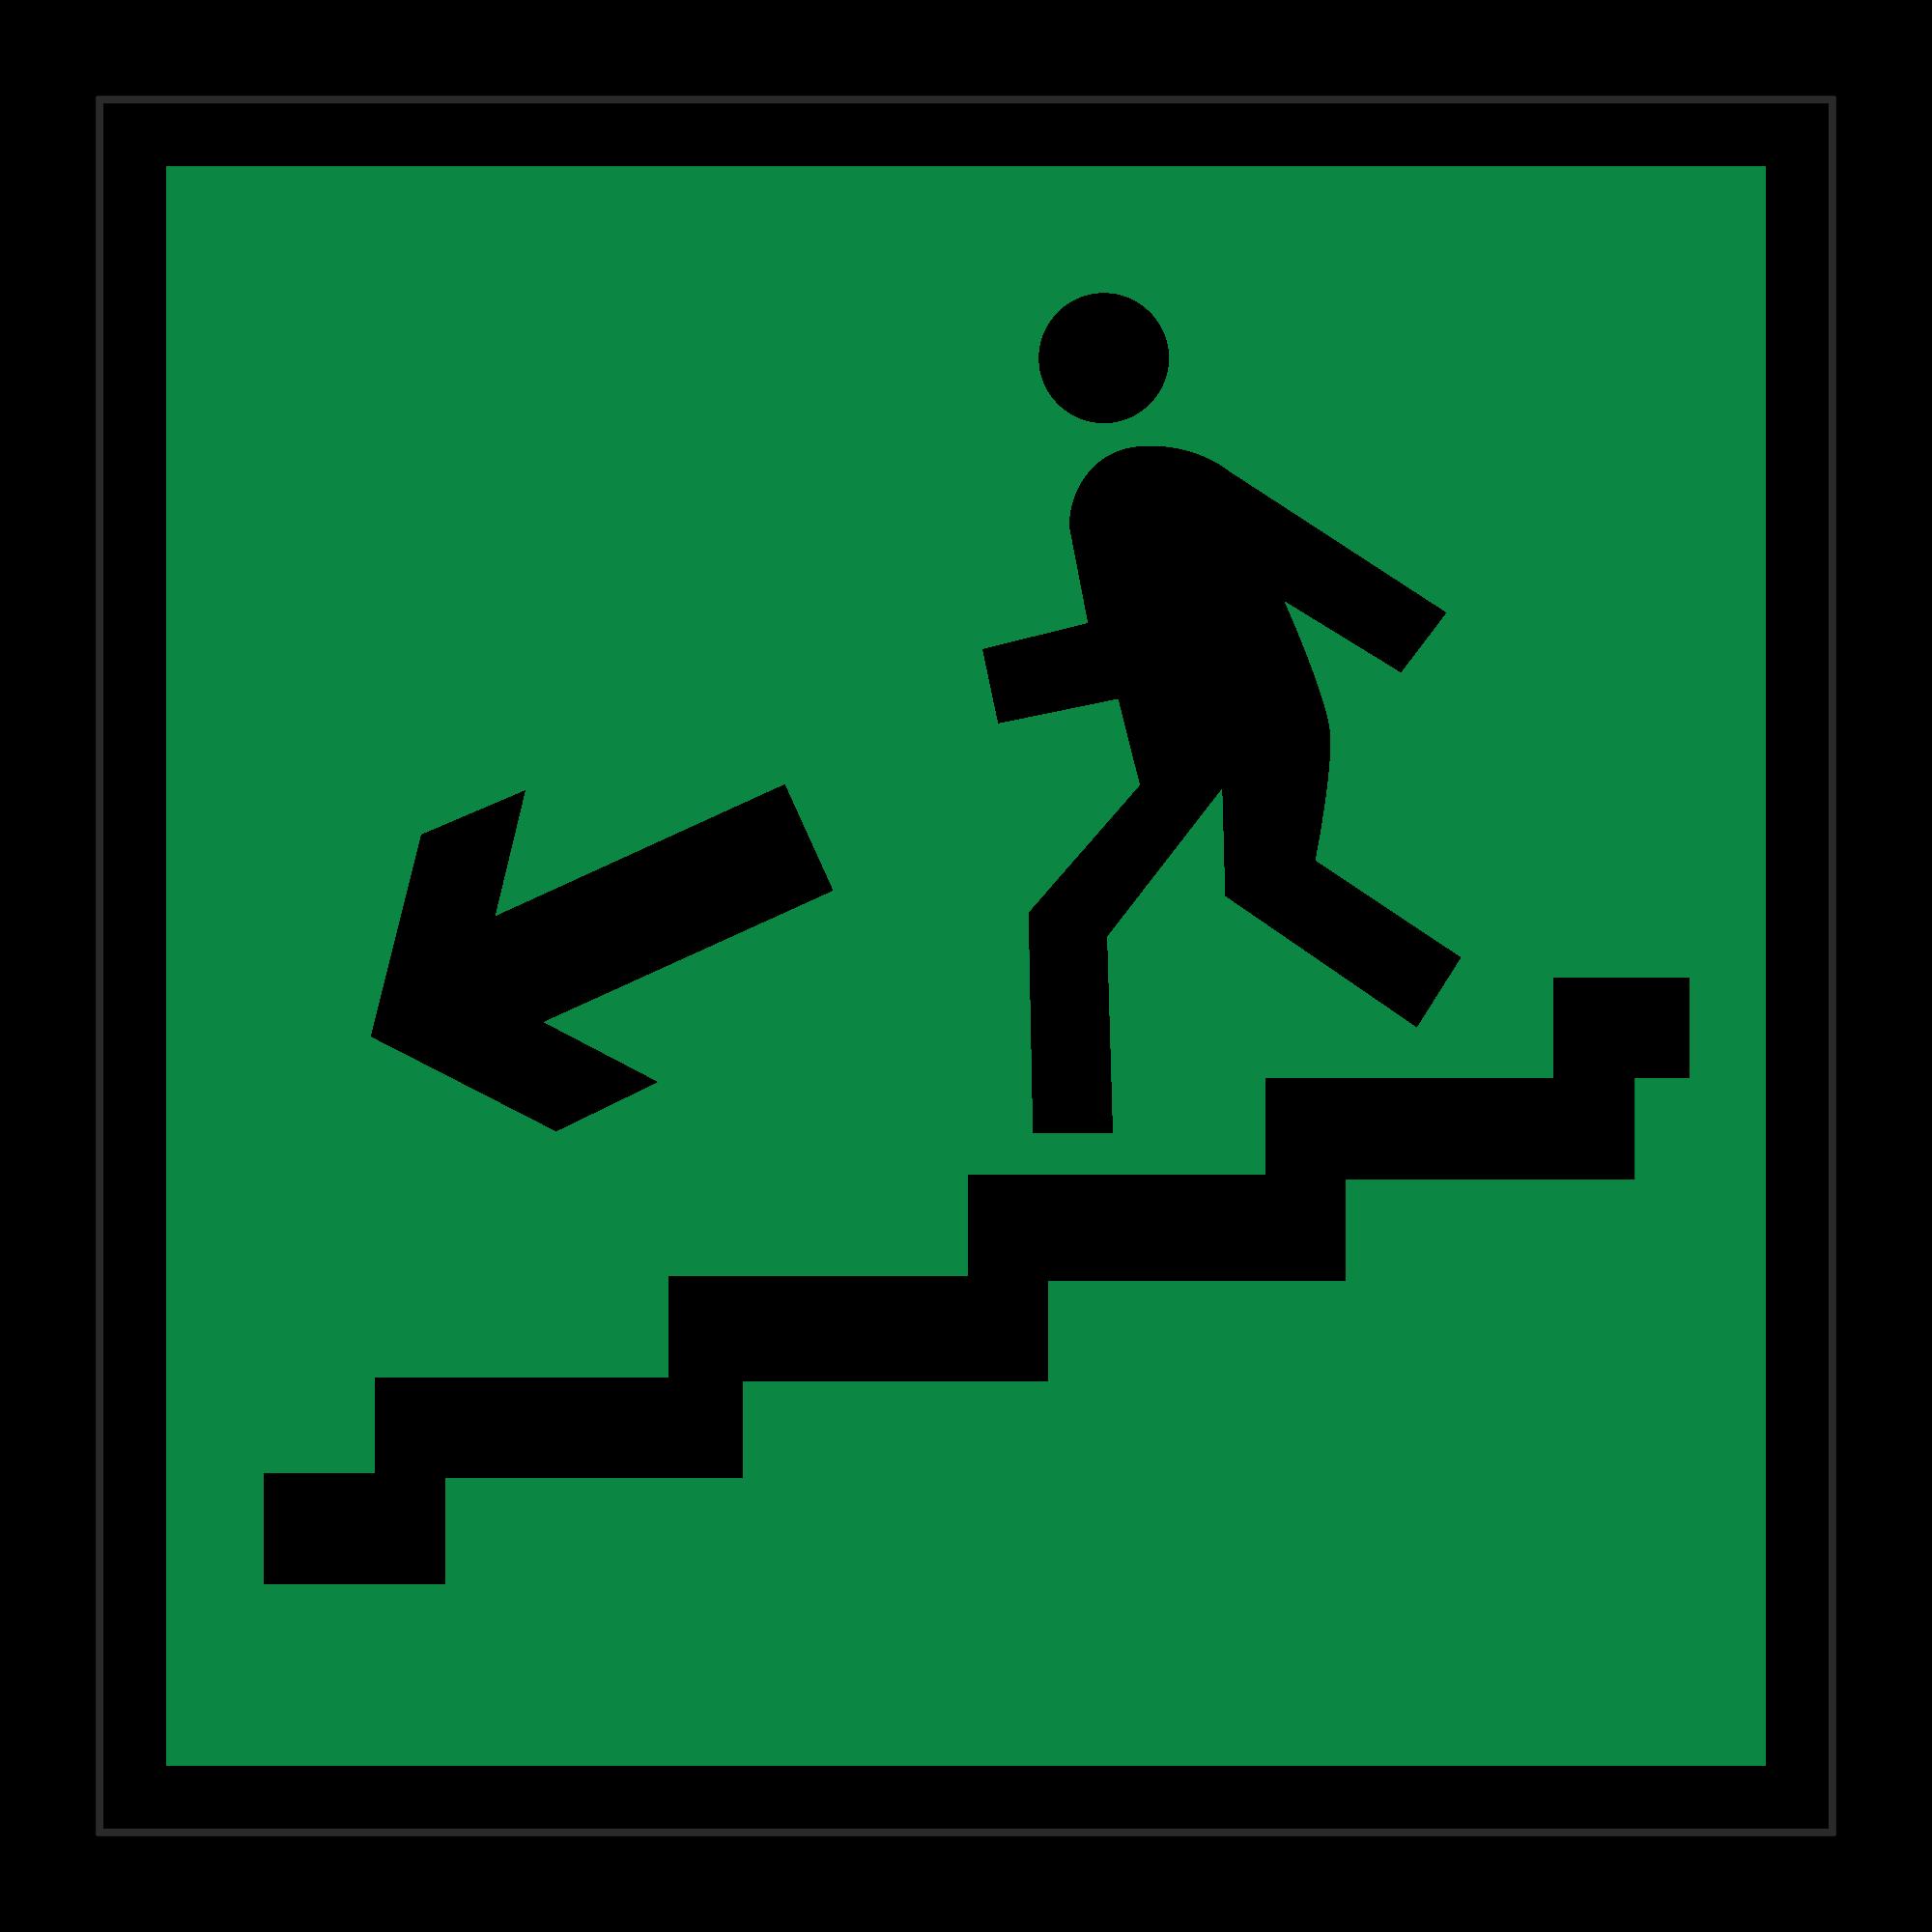 Е14 Направление к эвакуационному выходу по лестнице вниз (налево)